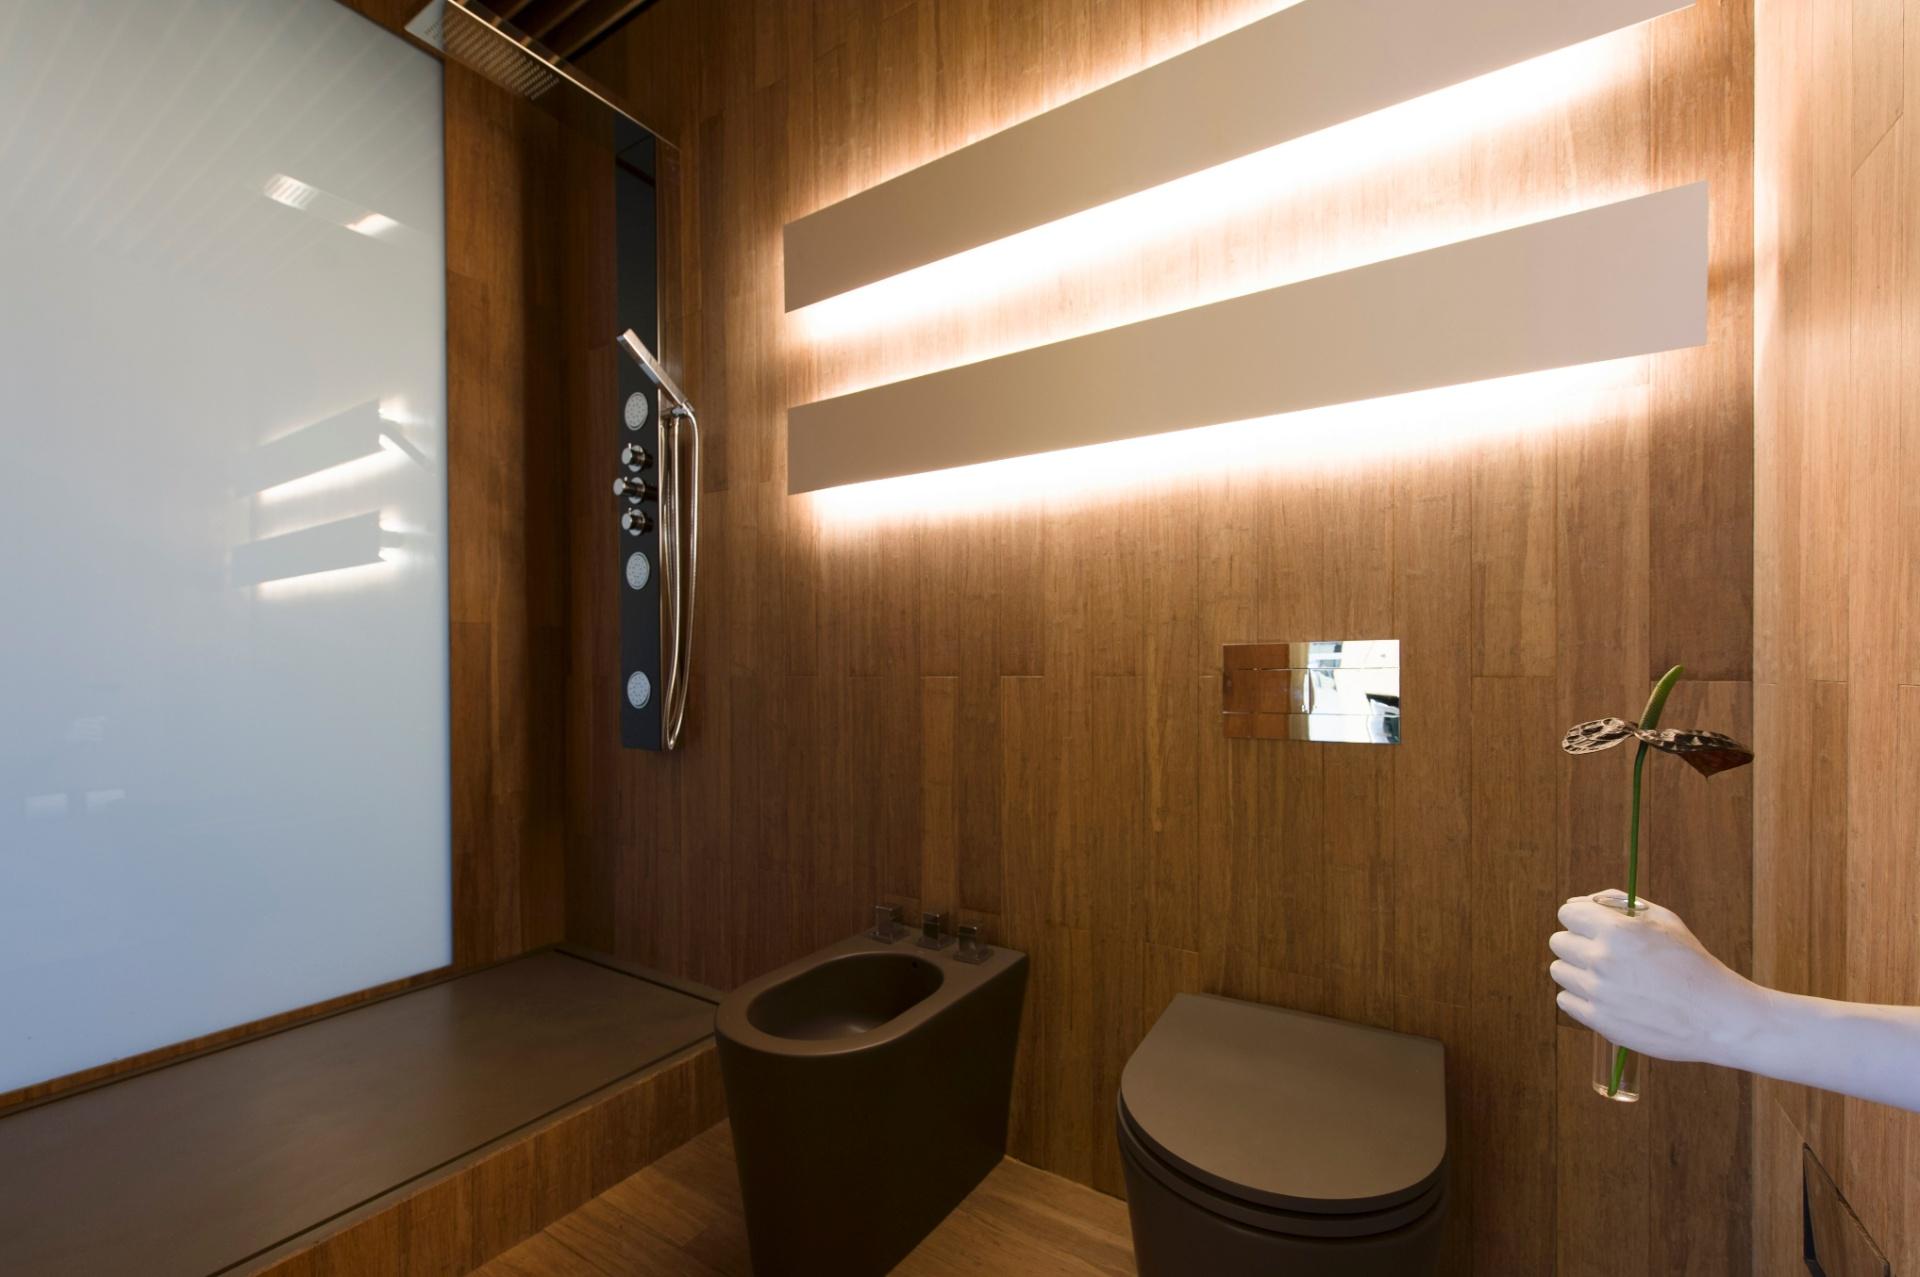 Imagens de #3A2411 No banheiro do ambiente Hotel Black assinado por Guilherme Torres o  1920x1277 px 3120 Box Banheiro Acrilico Sao Paulo